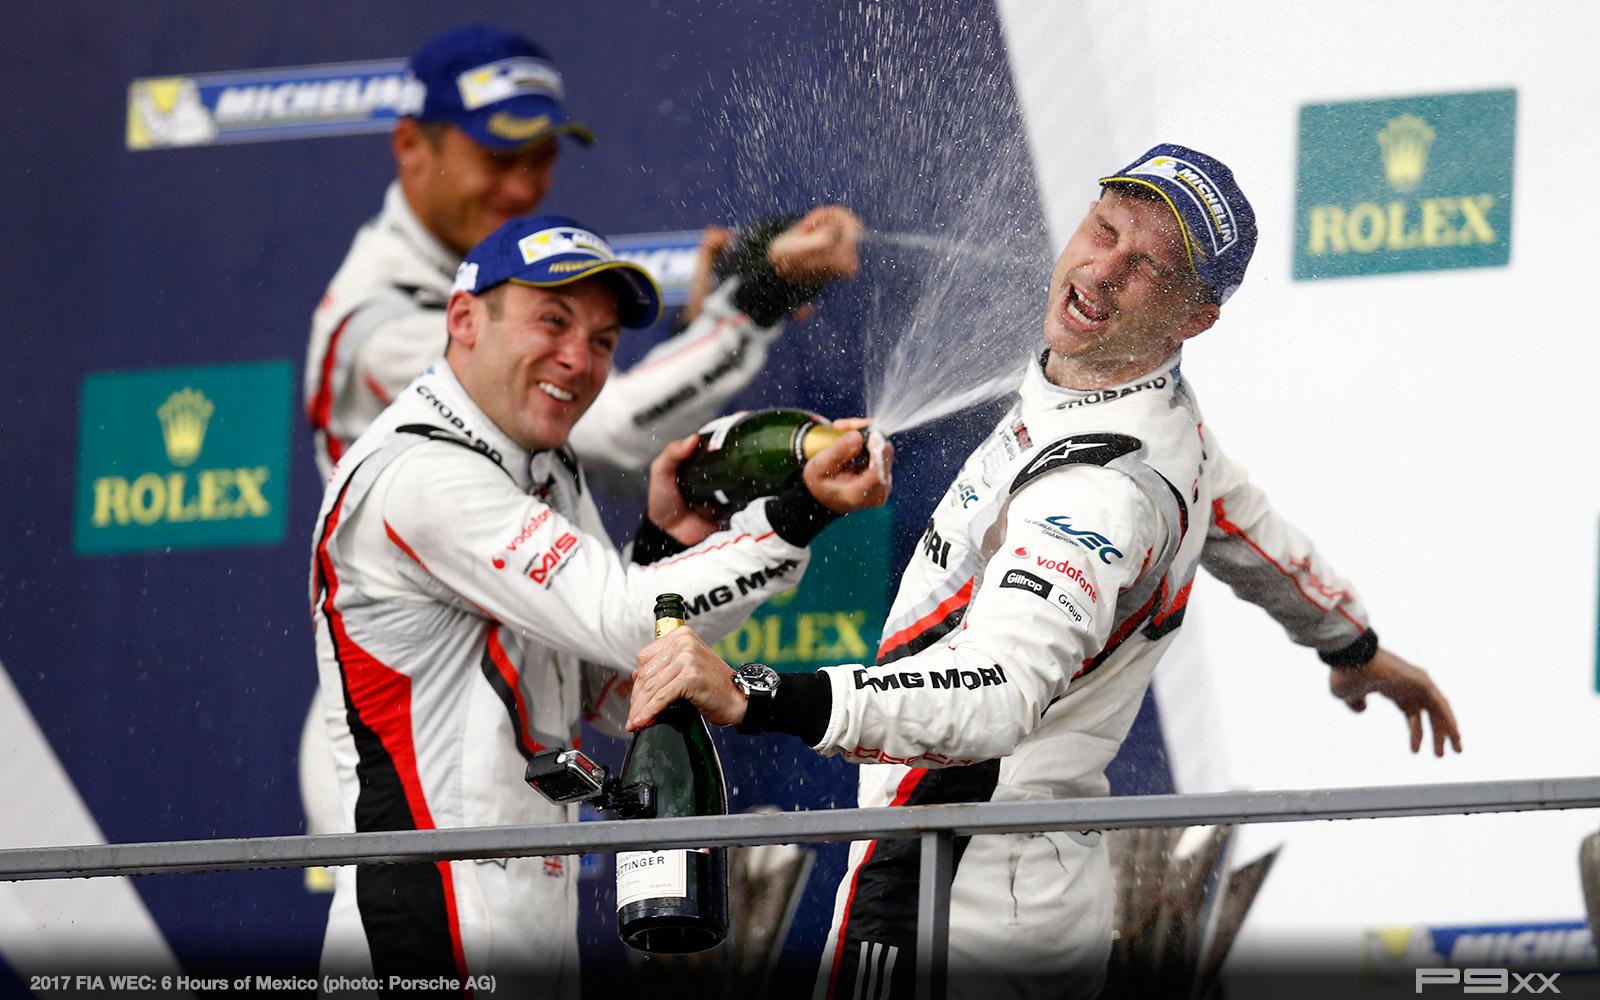 2017-FIA-WEC-6-HOURS-MEXICO-PORSCHE-1335